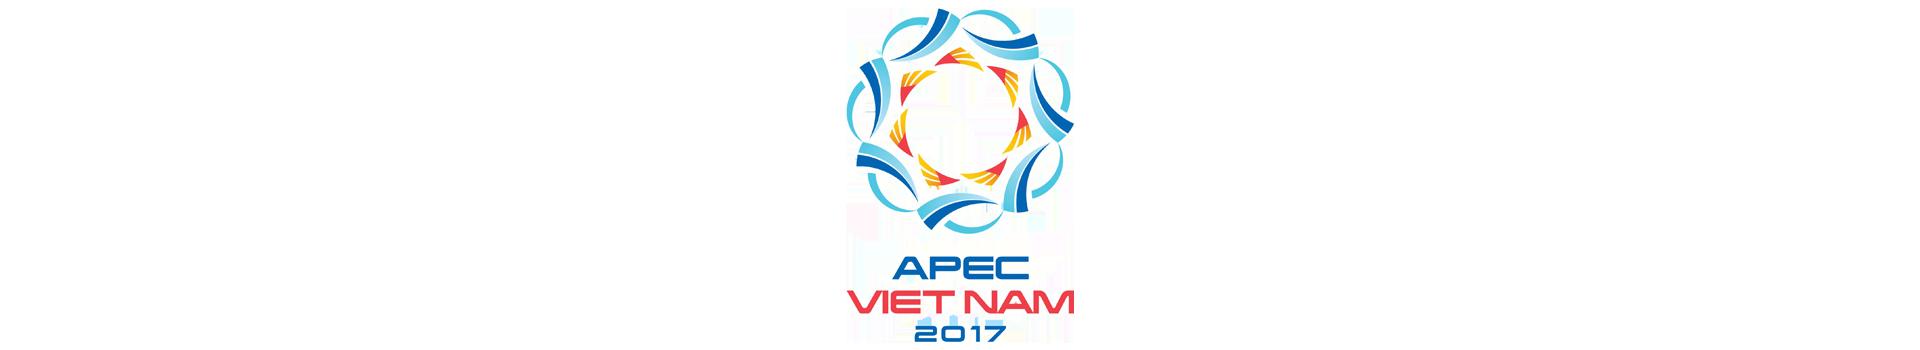 Chủ đầu tư APEC Vietnam